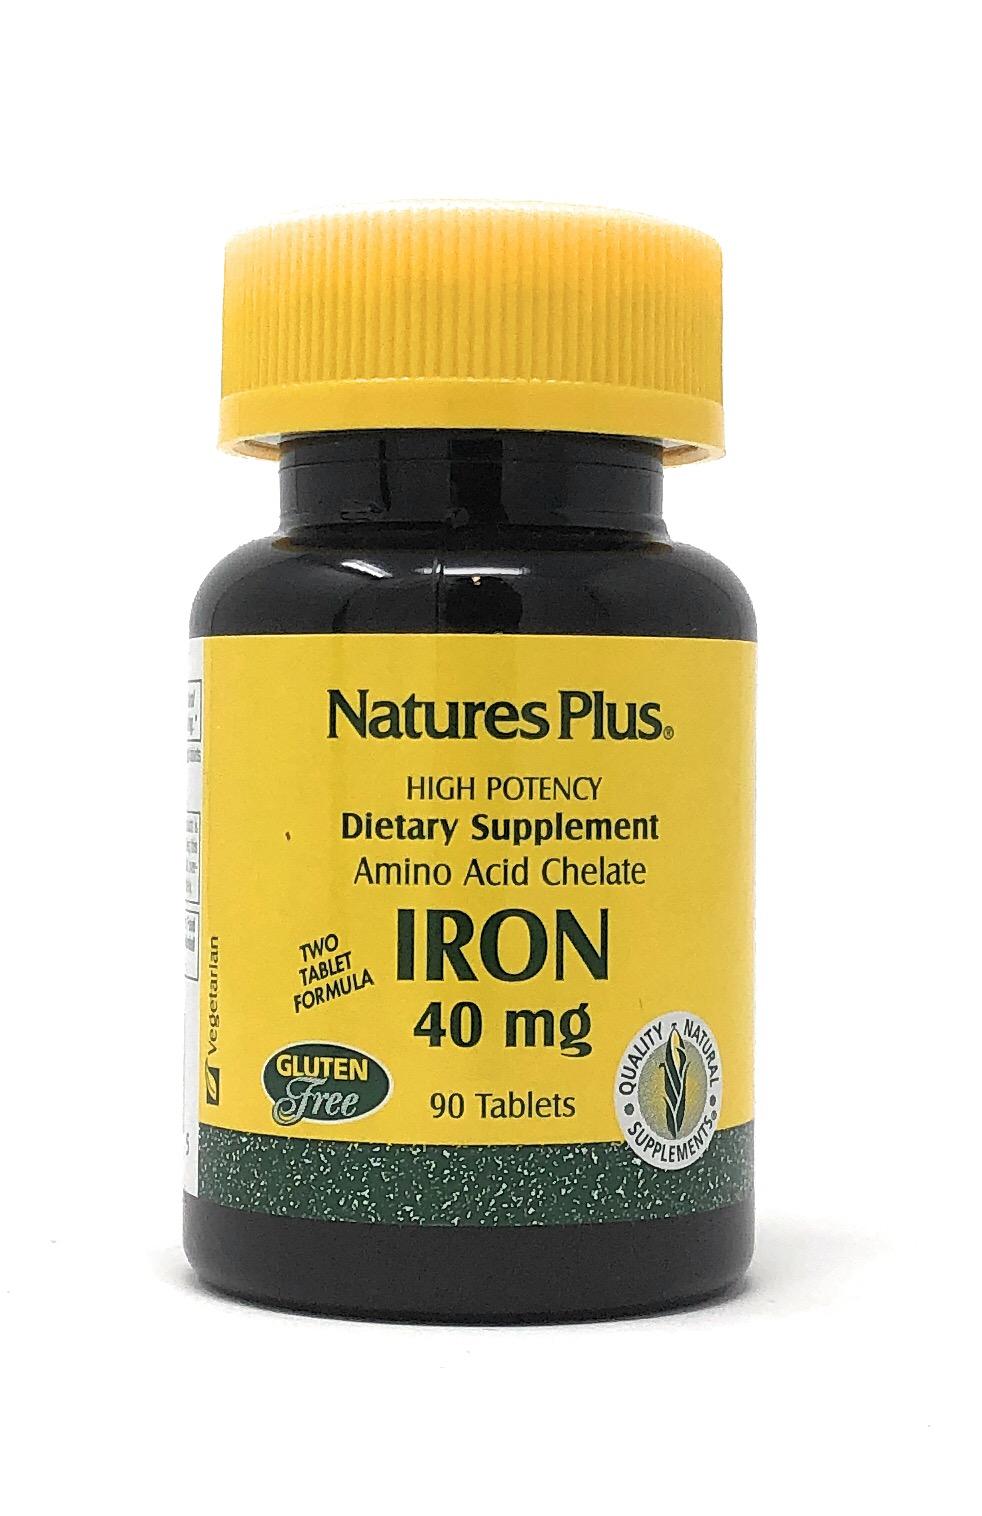 Natures Plus Iron 40mg (2 Tabletten) (als Eisen Aminosäurechelat) 90 Tabletten (51,2g)